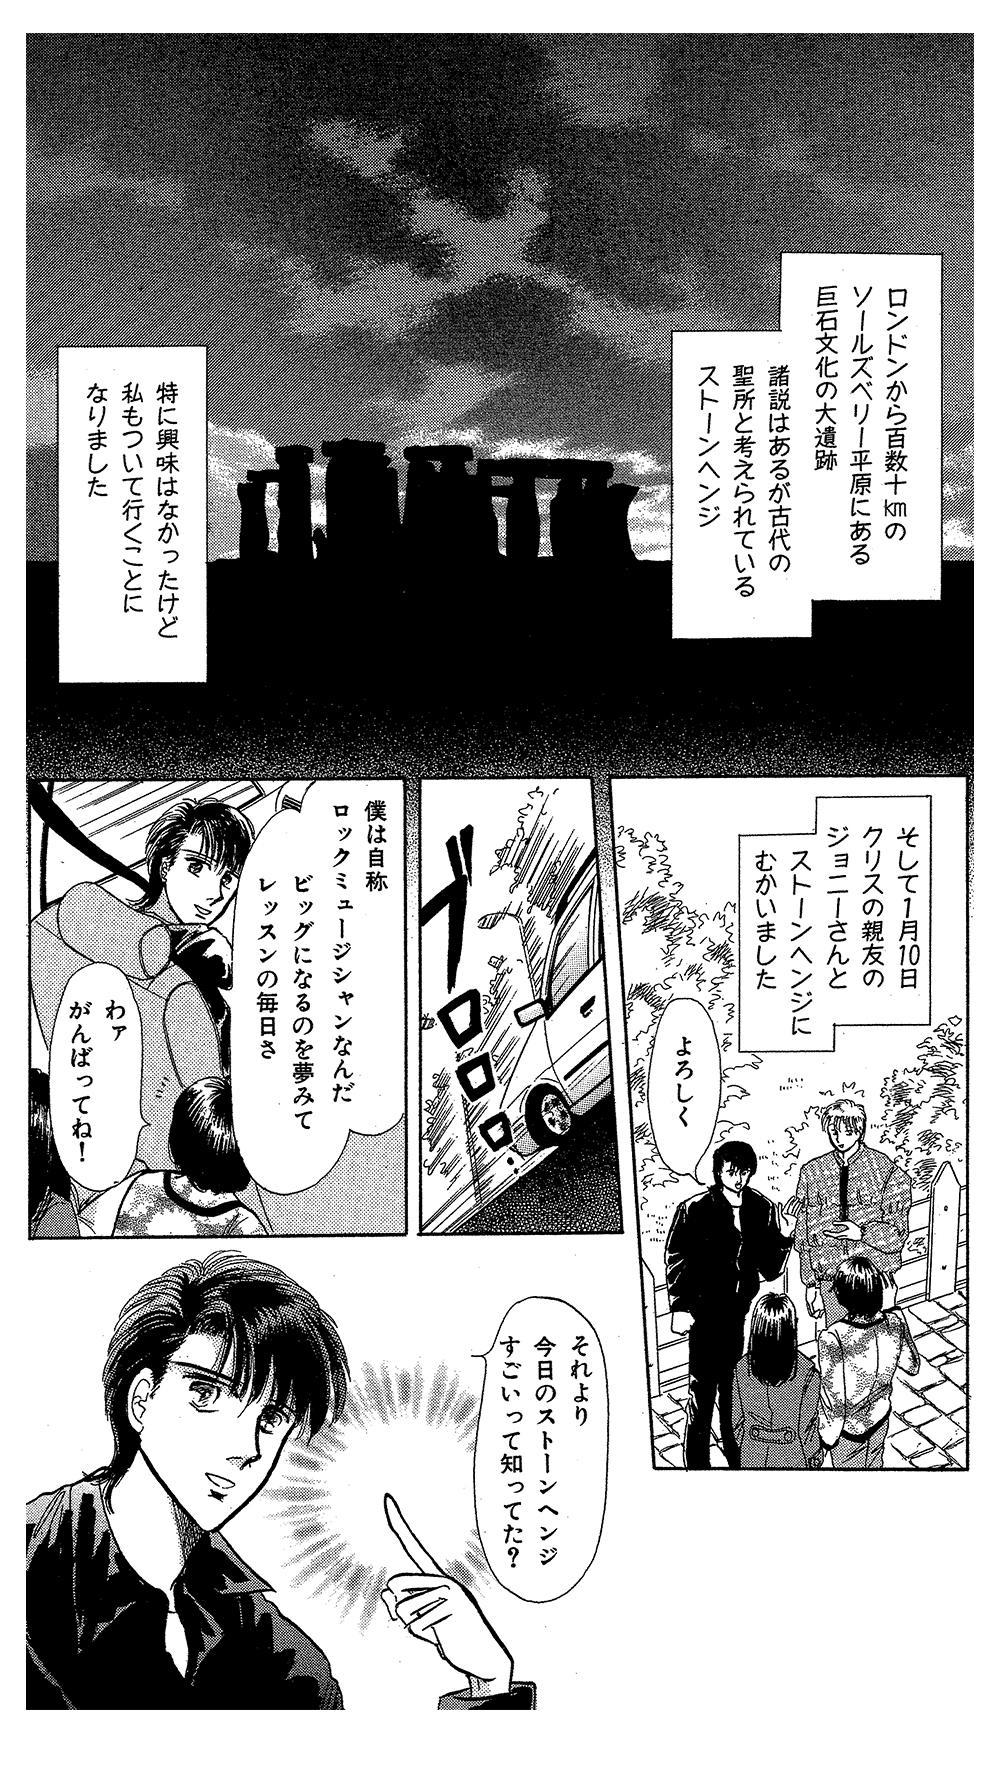 霊感ママシリーズ 第3話「英国ミステリーツアー」②reikanmama-01-84.jpg